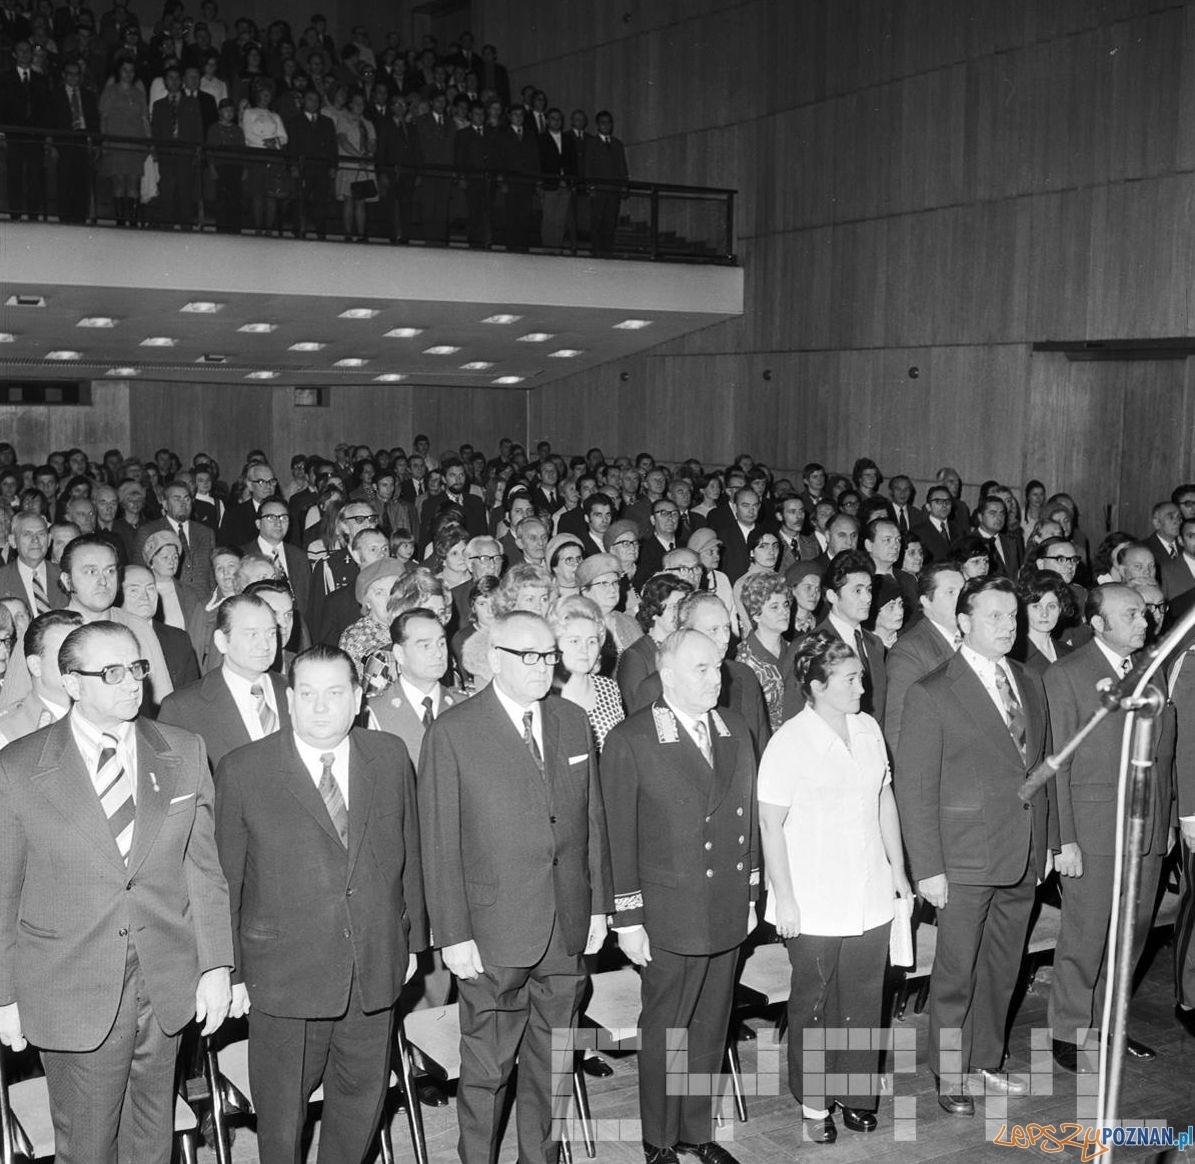 Obchody 57 rocznicy Wielkiej Rewolucji Paźziernikowej w Pałacu Kultury  Foto: Stanisław Wiktor / Cyryl